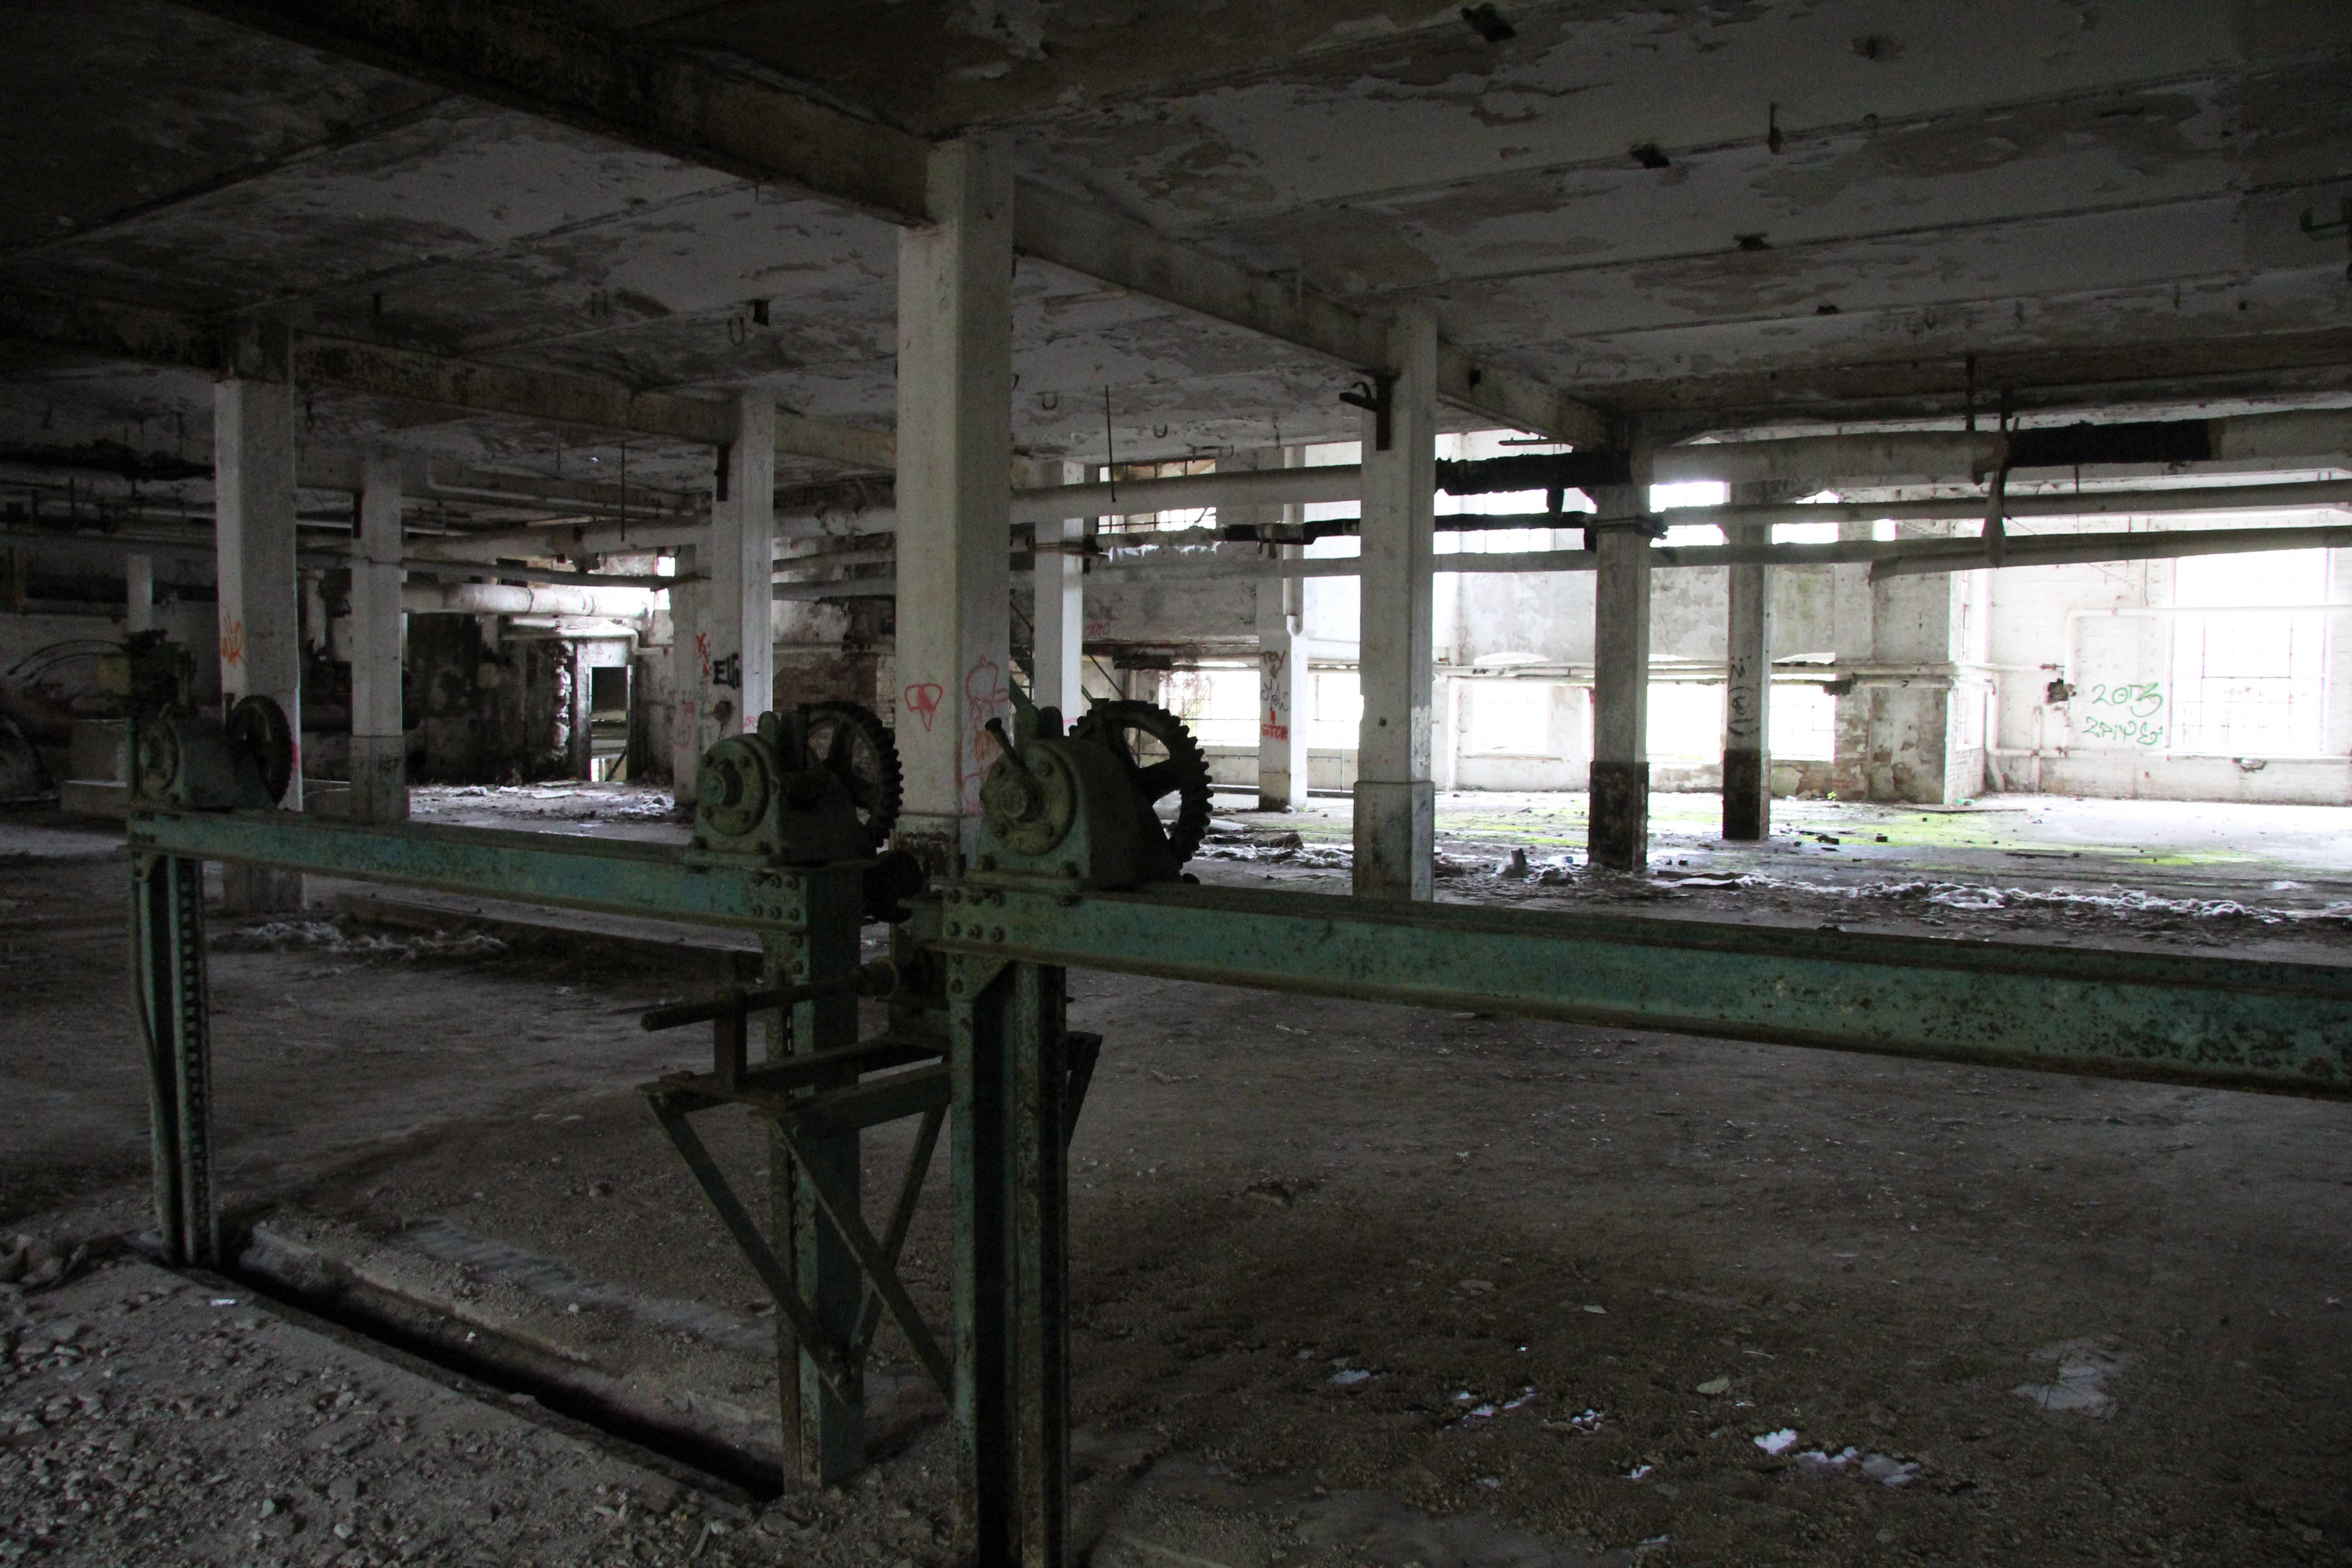 Machinery at Papierfabrik Wolfswinkel, an abandoned paper mill near Berlin